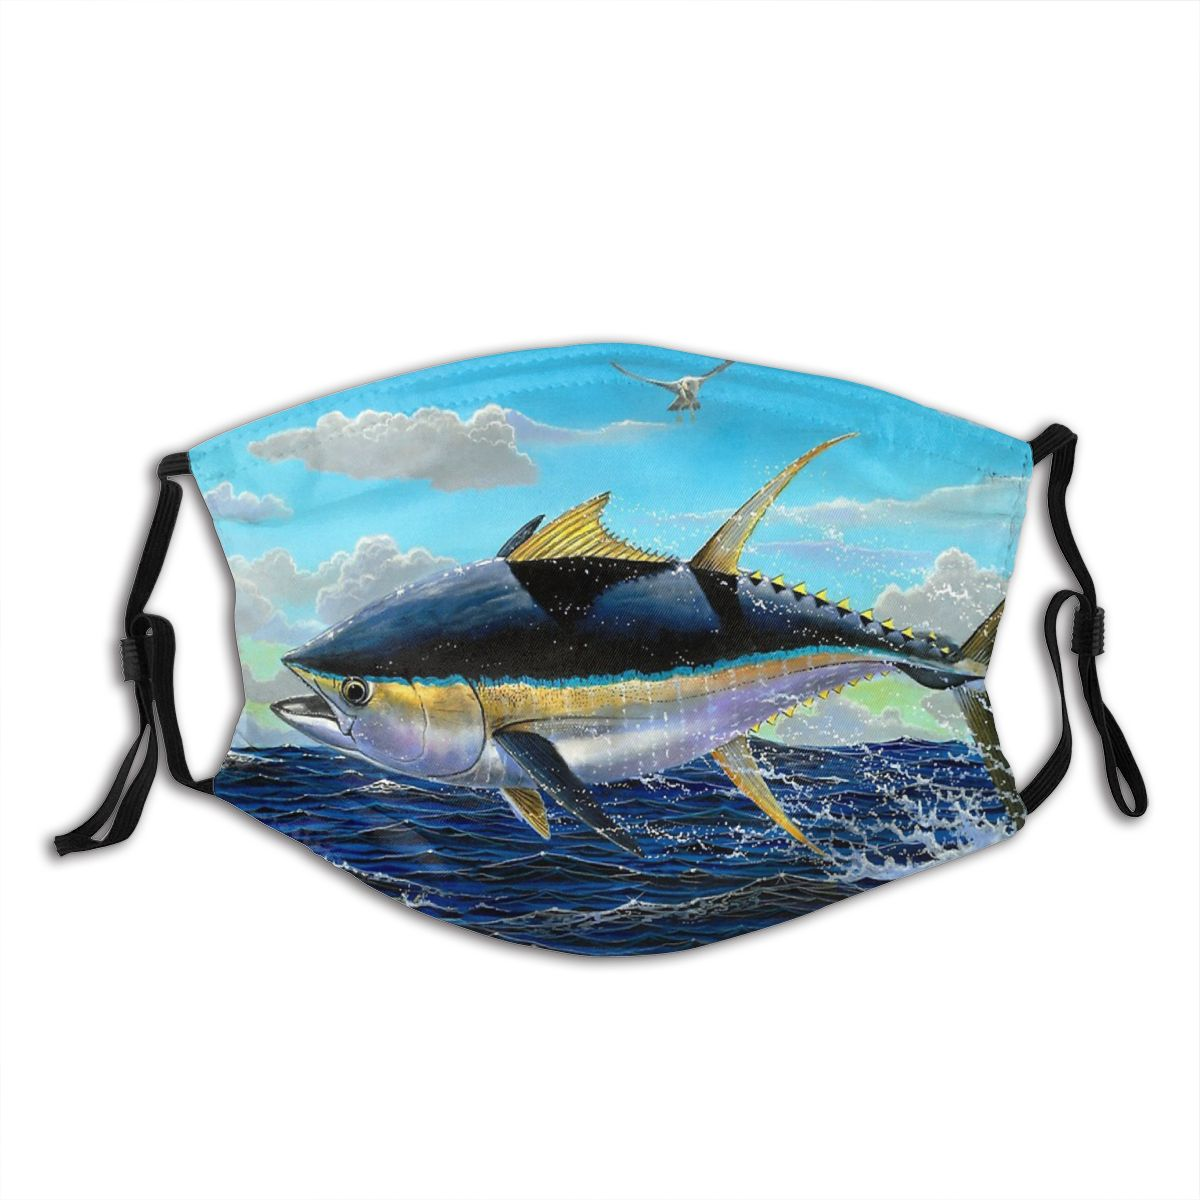 Многоразовая маска для лица Yellowfin, морская вода, волны, рыбалка, маска против смога с фильтрами, защитная маска, респиратор